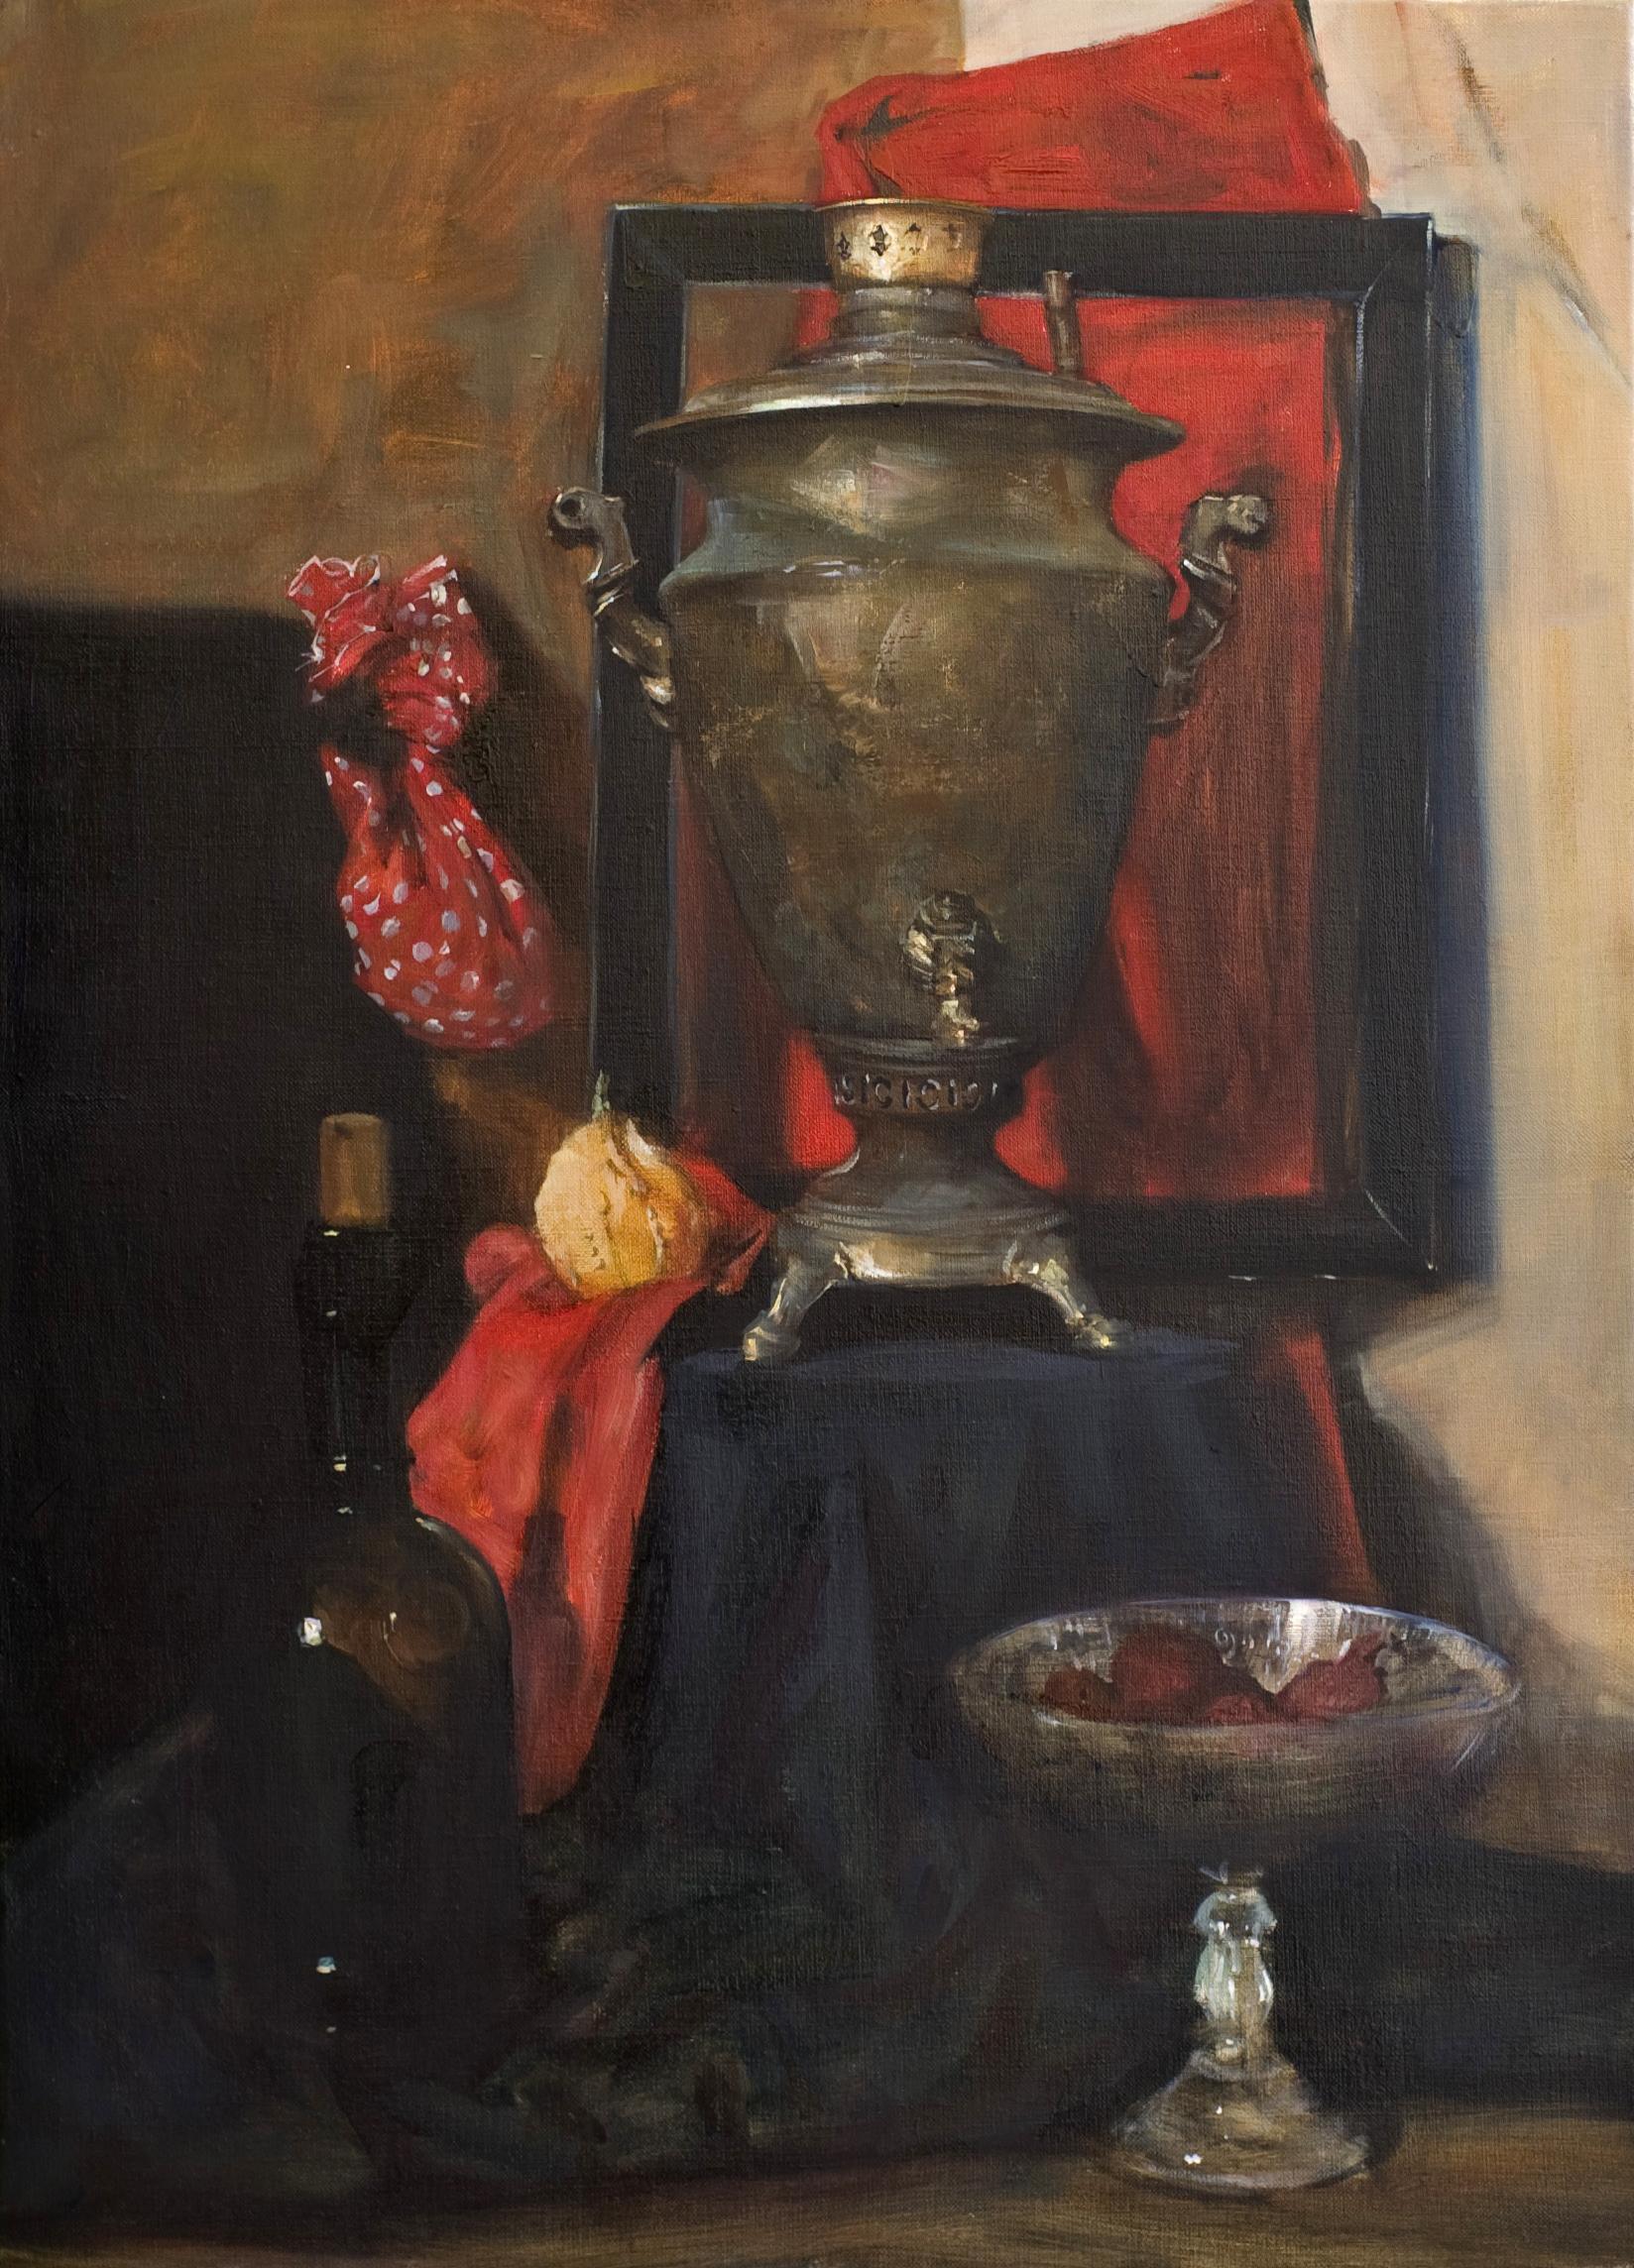 사마바르가 있는 정물72.7x53 Oil on canvas 2007